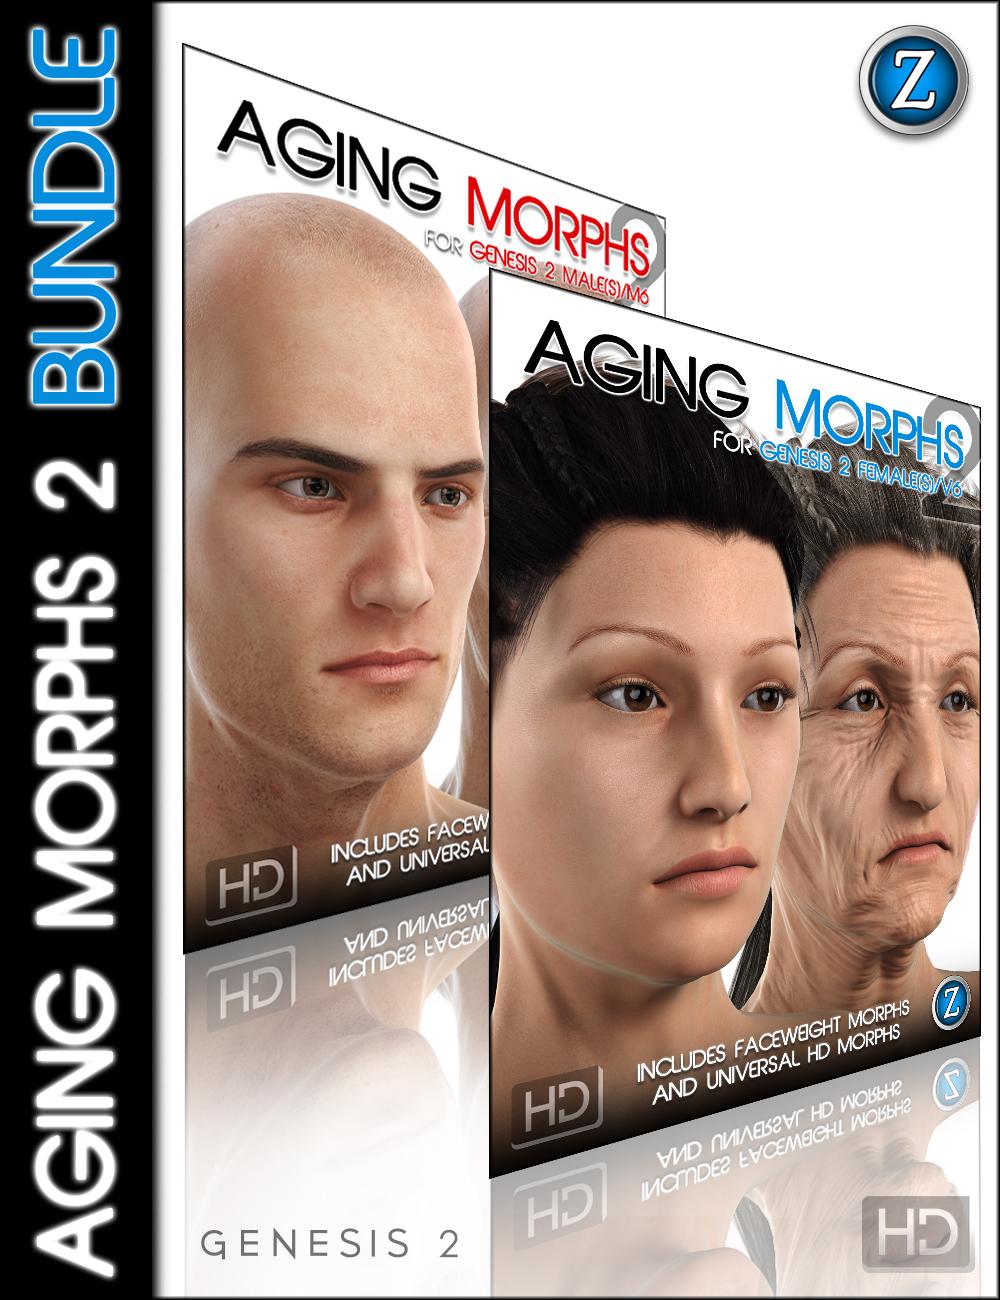 Aging Morphs 2 Bundle HD by: Zev0, 3D Models by Daz 3D